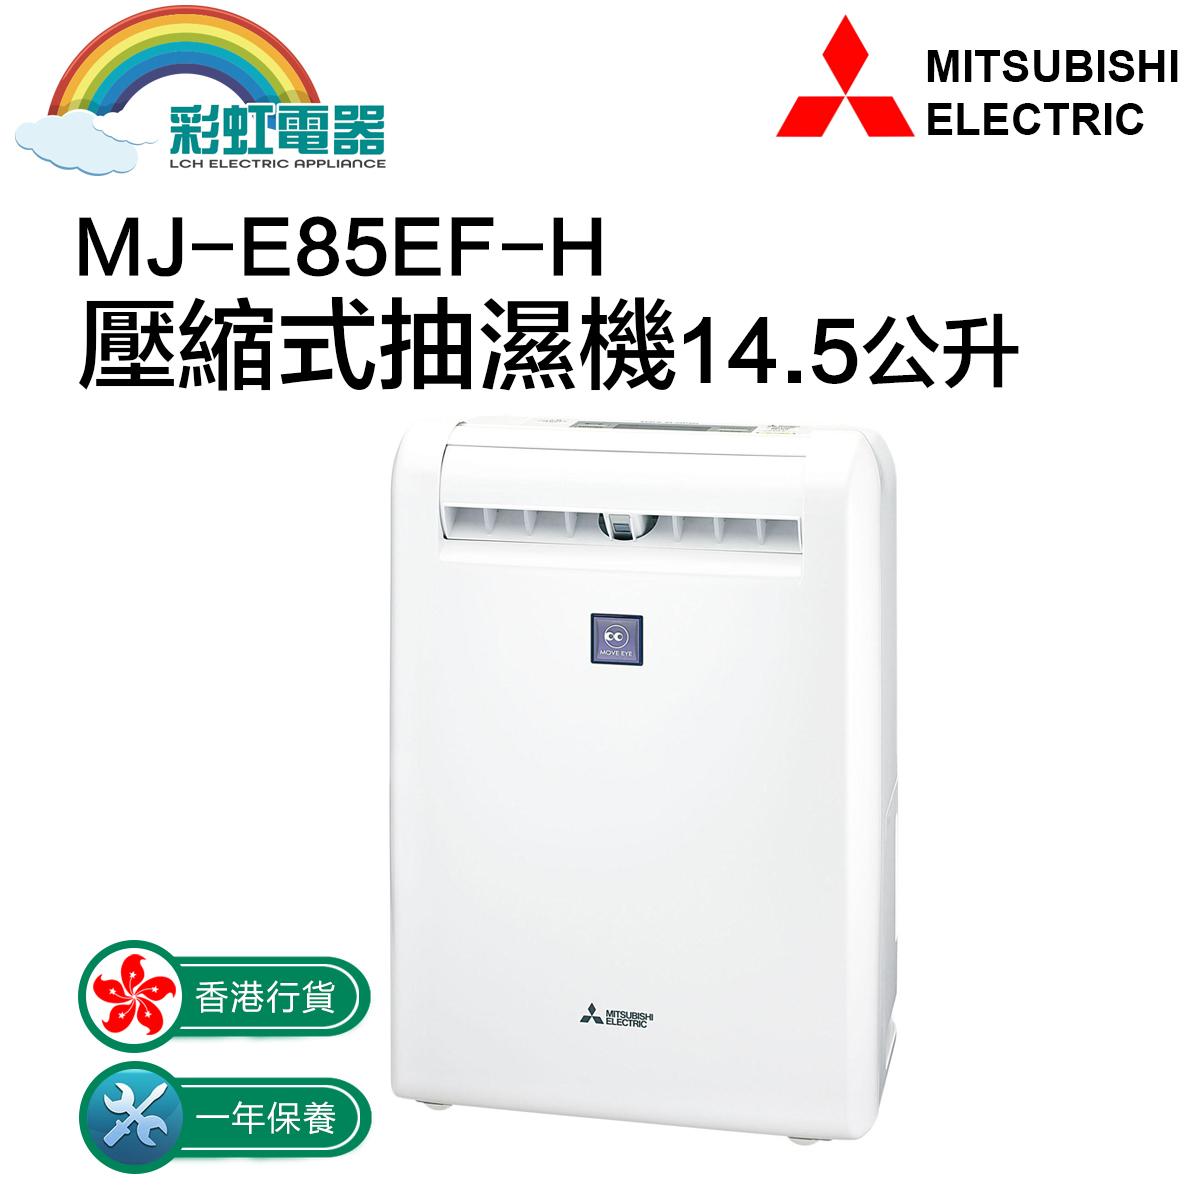 MJ-E85EF-H 14.5 liter Compressed dehumidifier